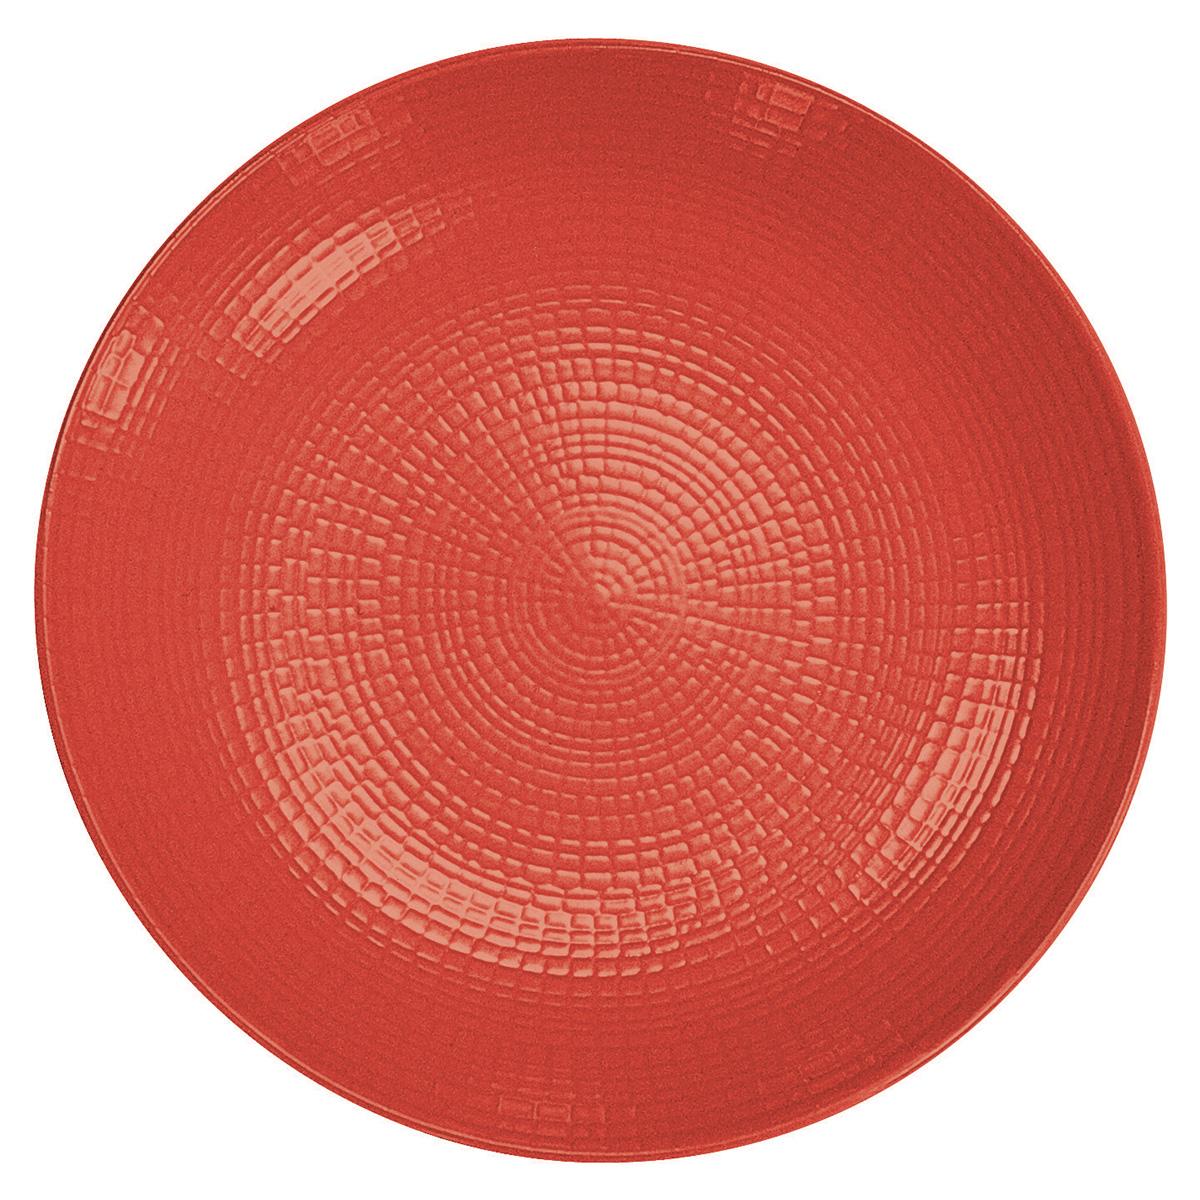 modulo nature tomette assiette creuse calotte ronde 21 cm les assiettes la table parisienne. Black Bedroom Furniture Sets. Home Design Ideas